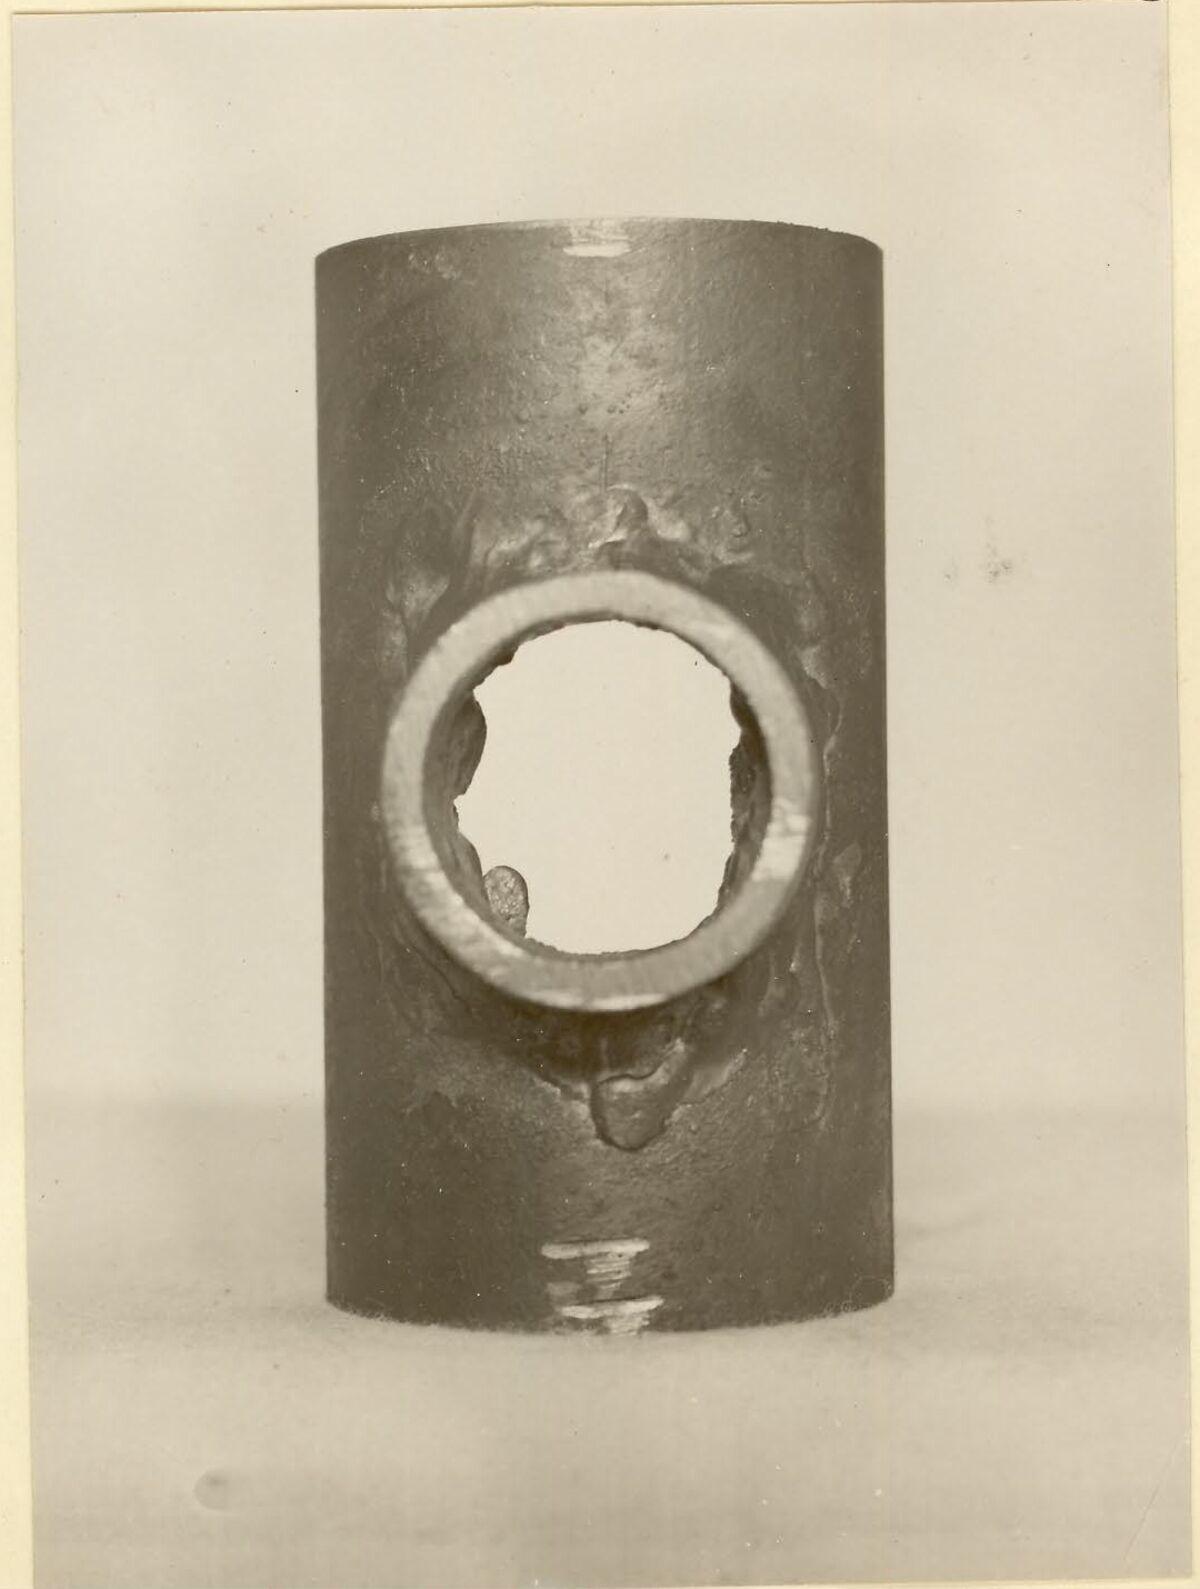 GFA 24/53.1084: Pipe coupling